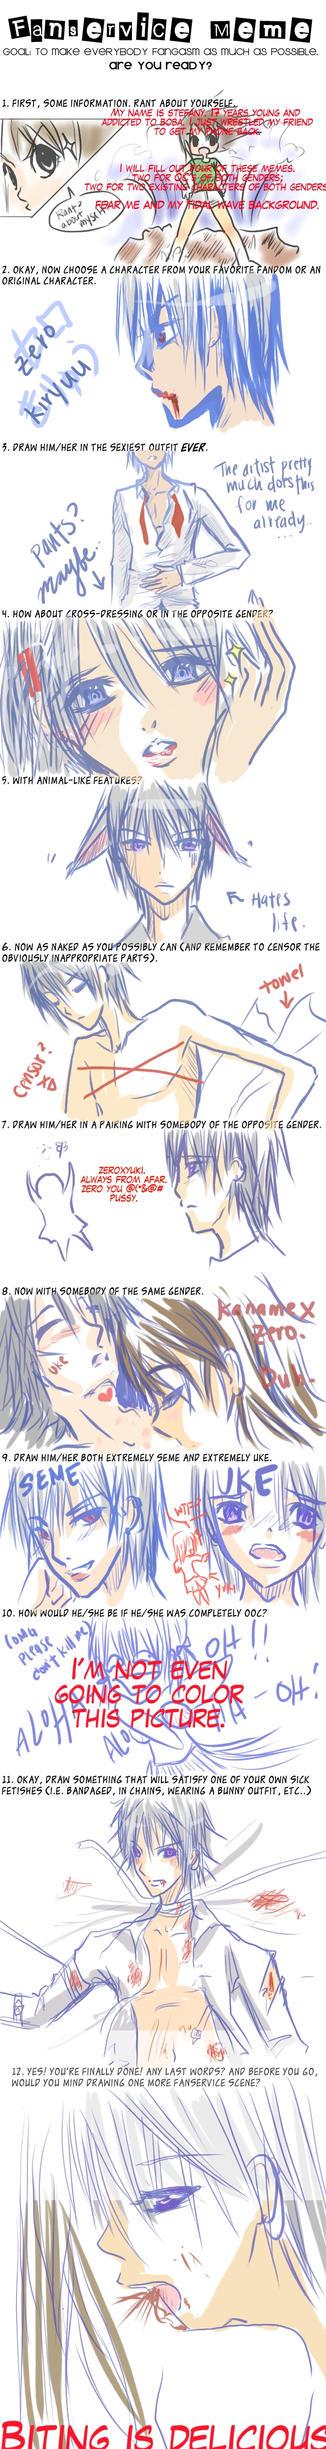 Fanservice Meme - Zero Kiryuu by silent-requiem